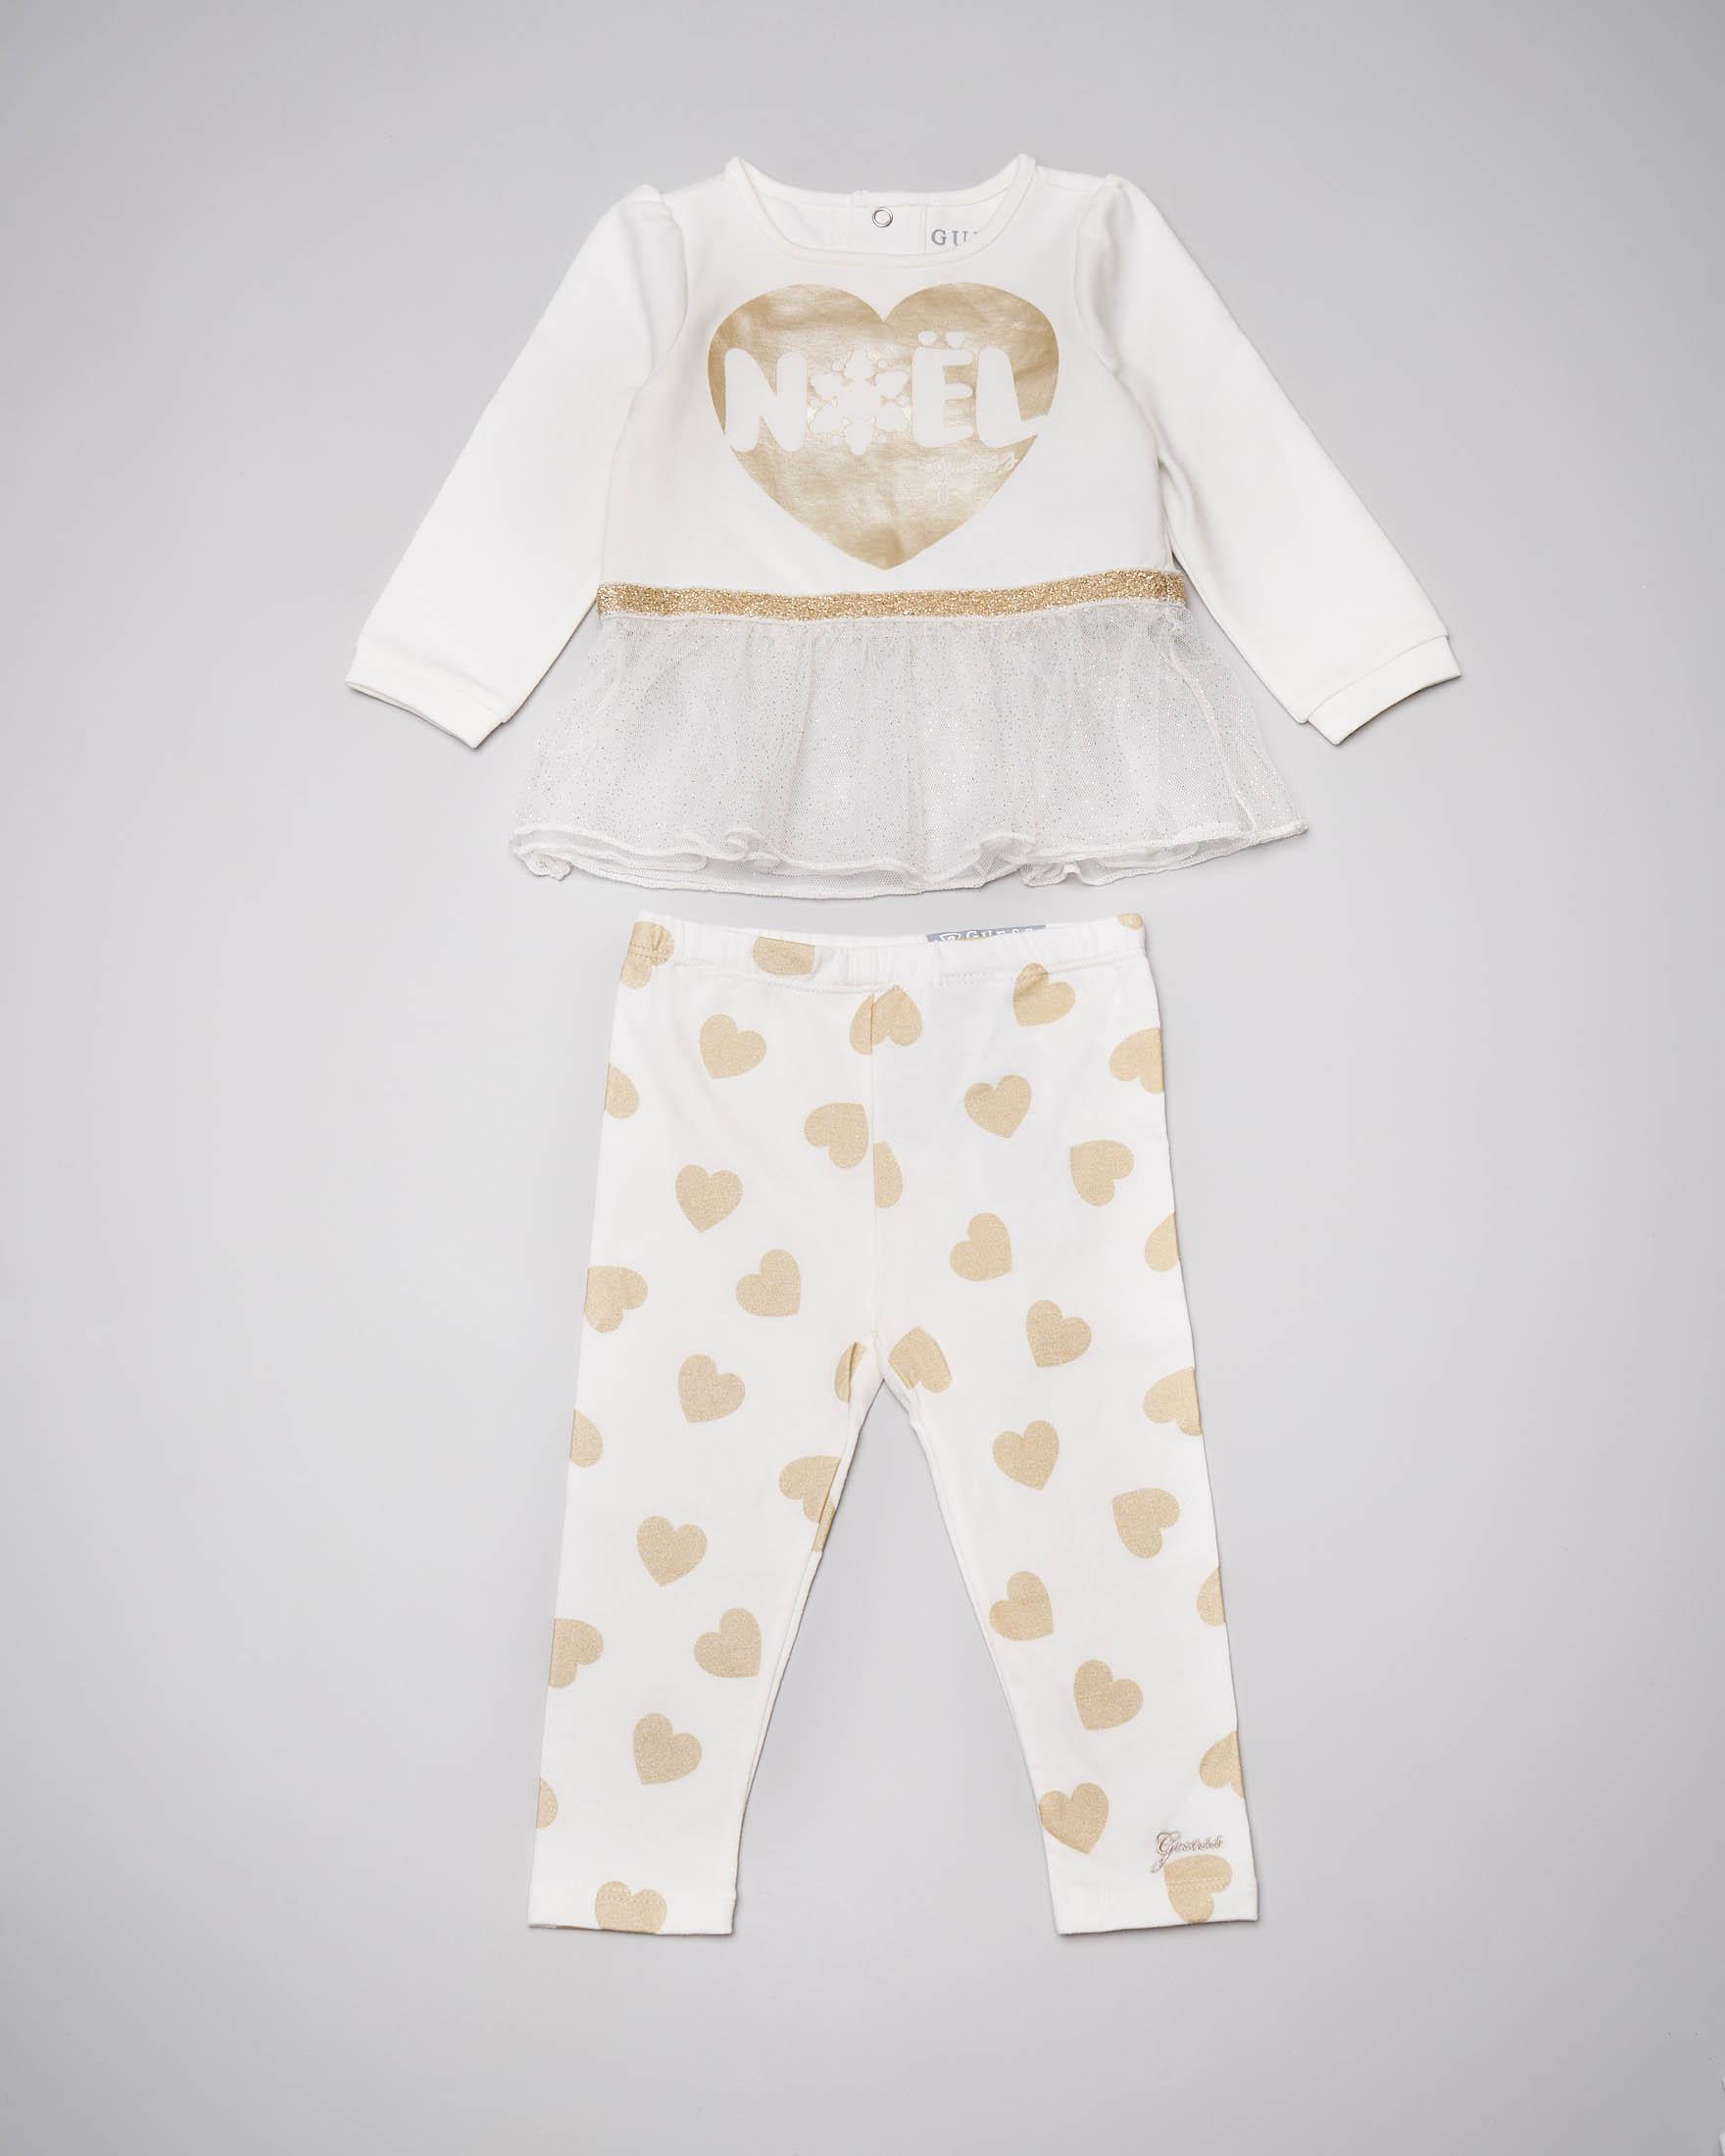 Completo bianco avorio con leggings